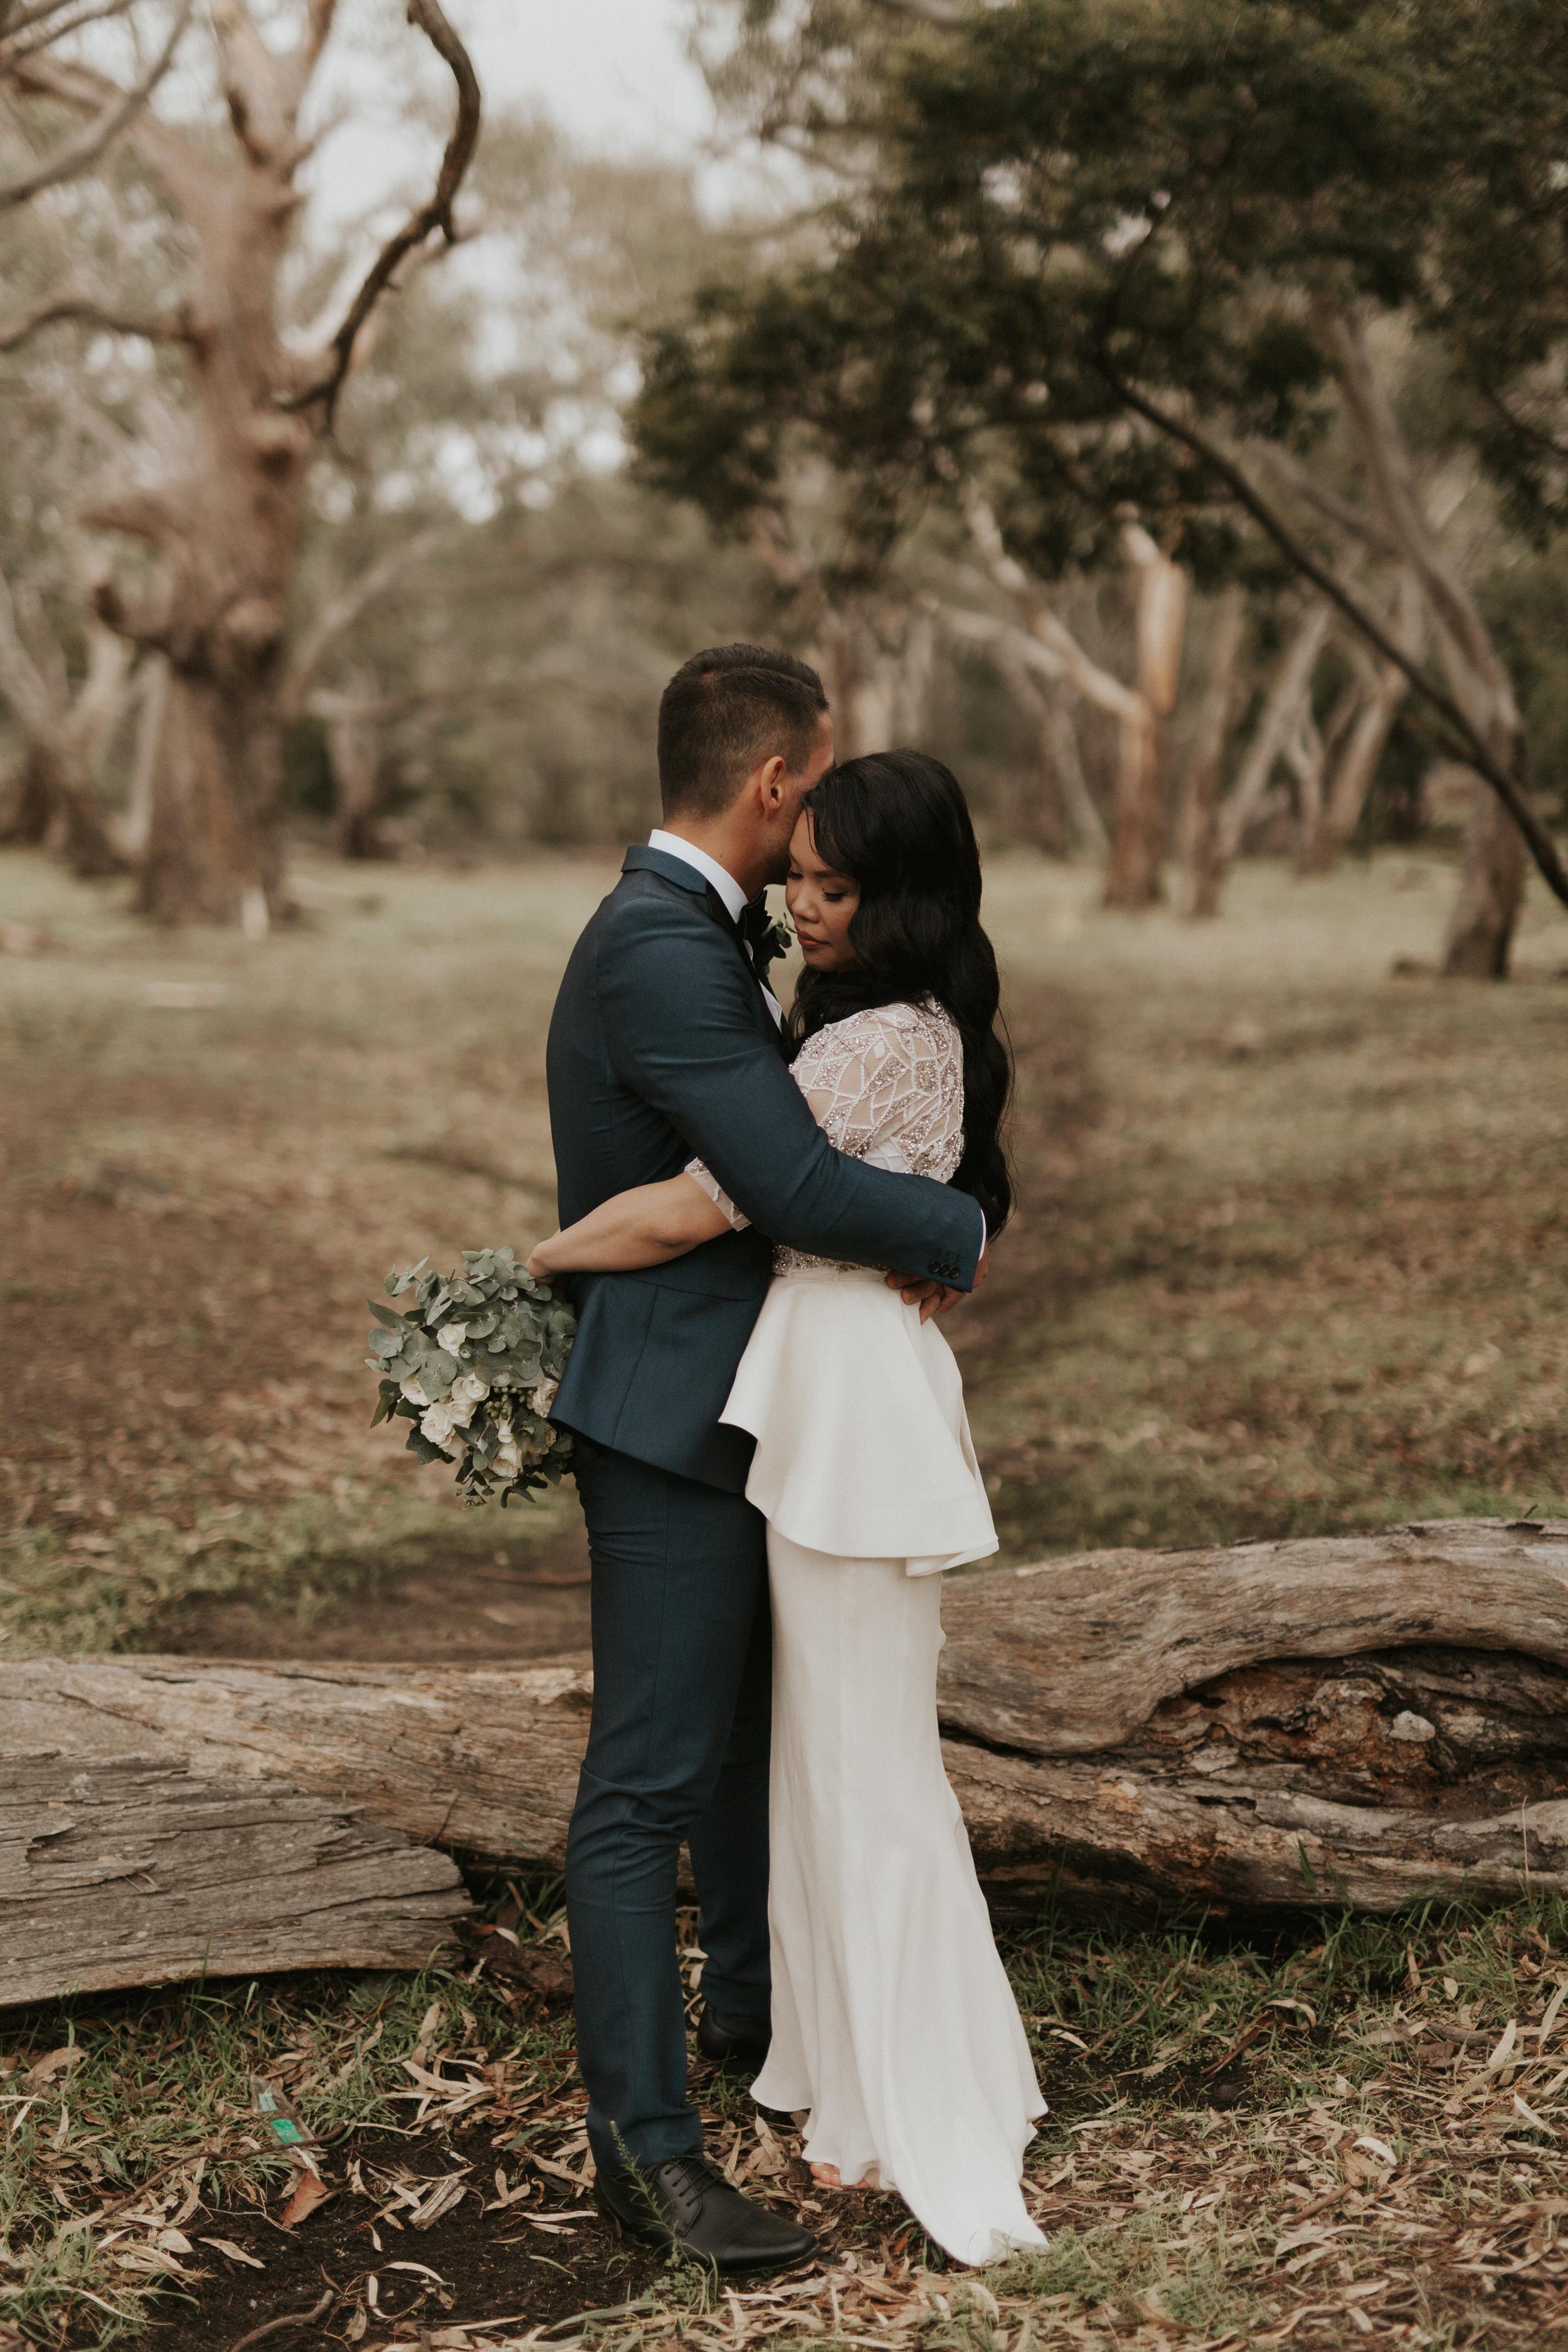 Melbourne-Fitzroy-Treasury-Gardens-wedding-EmotionsandMath-056.jpg